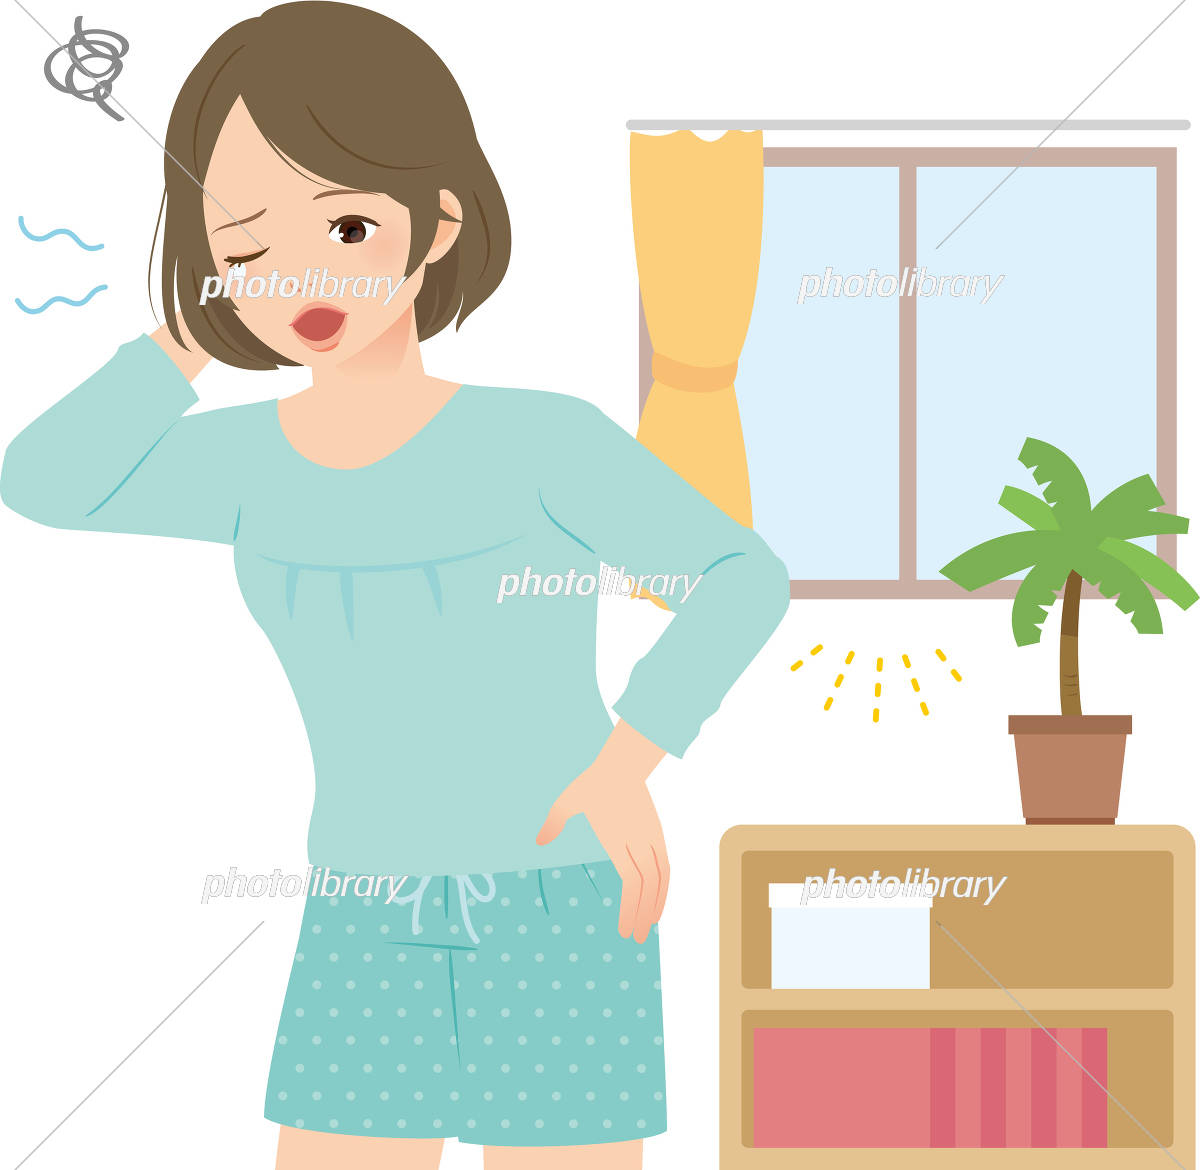 朝の室内で眠そうにあくびする若い女性 イラスト素材 3060994